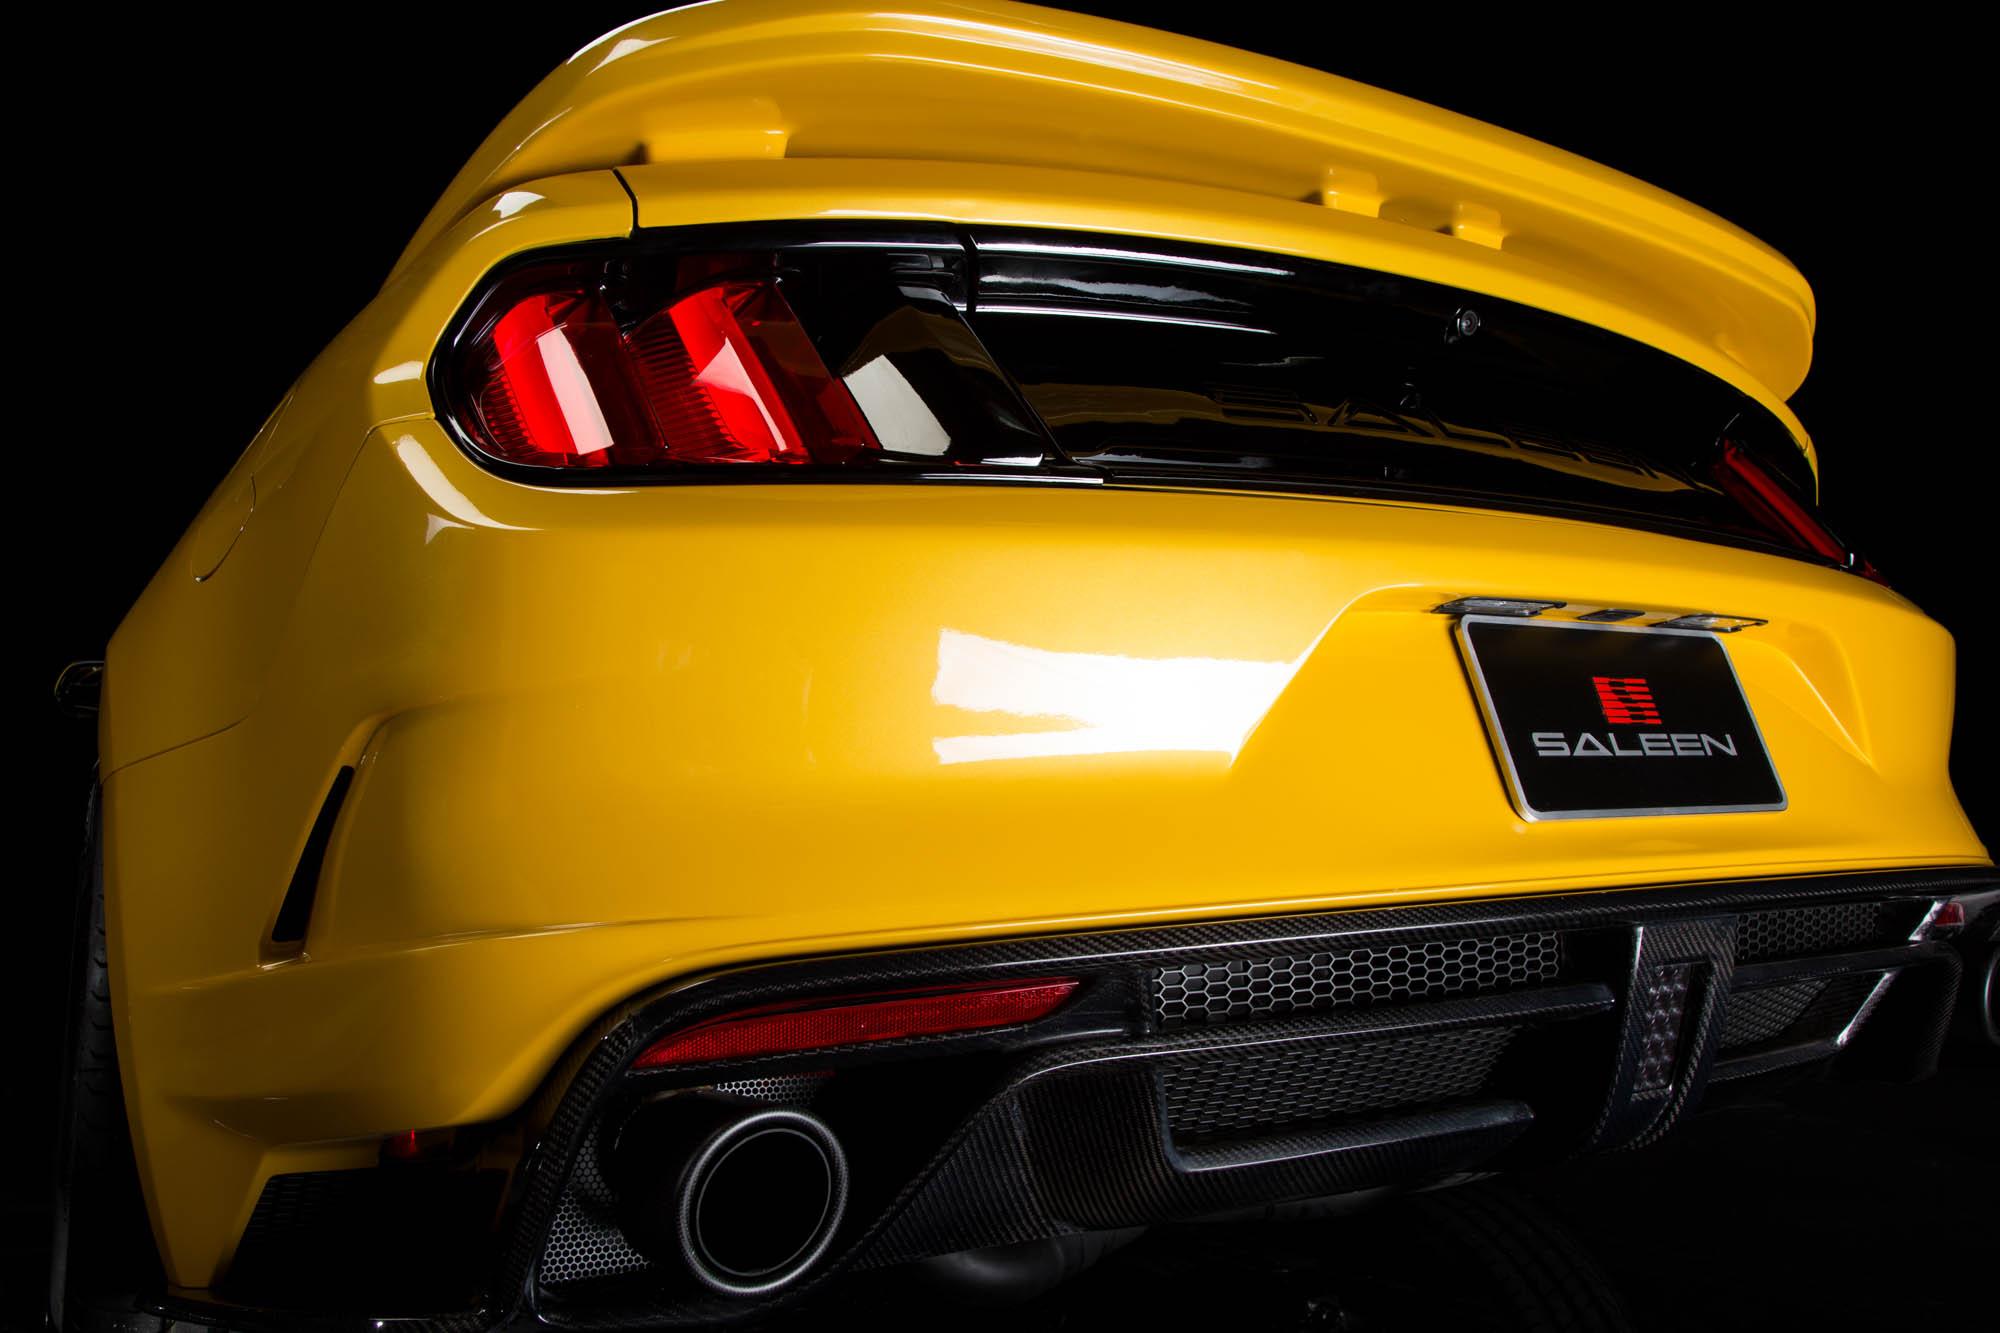 Mustang | Saleen